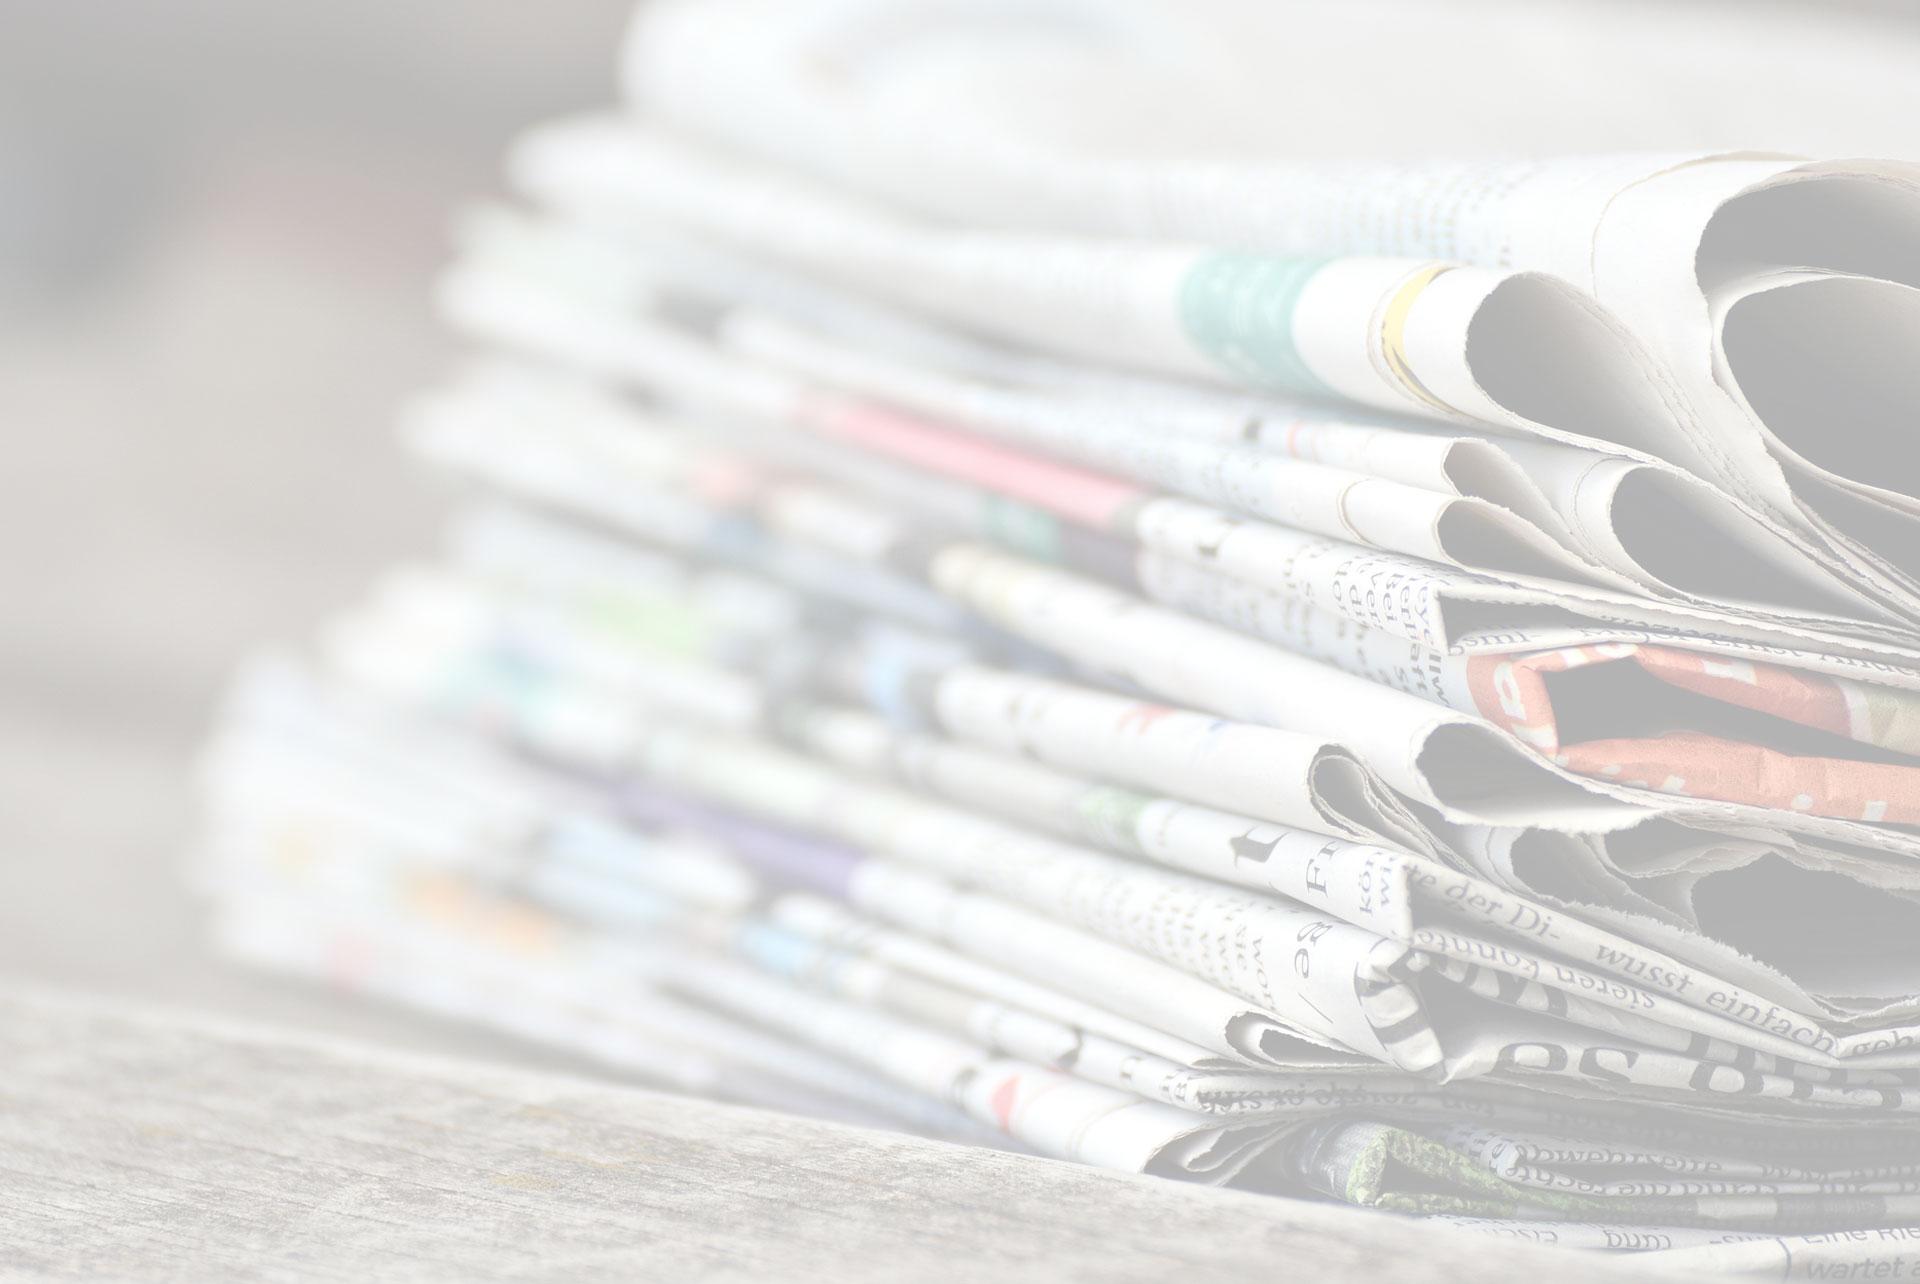 manifestazione no cpr Milano